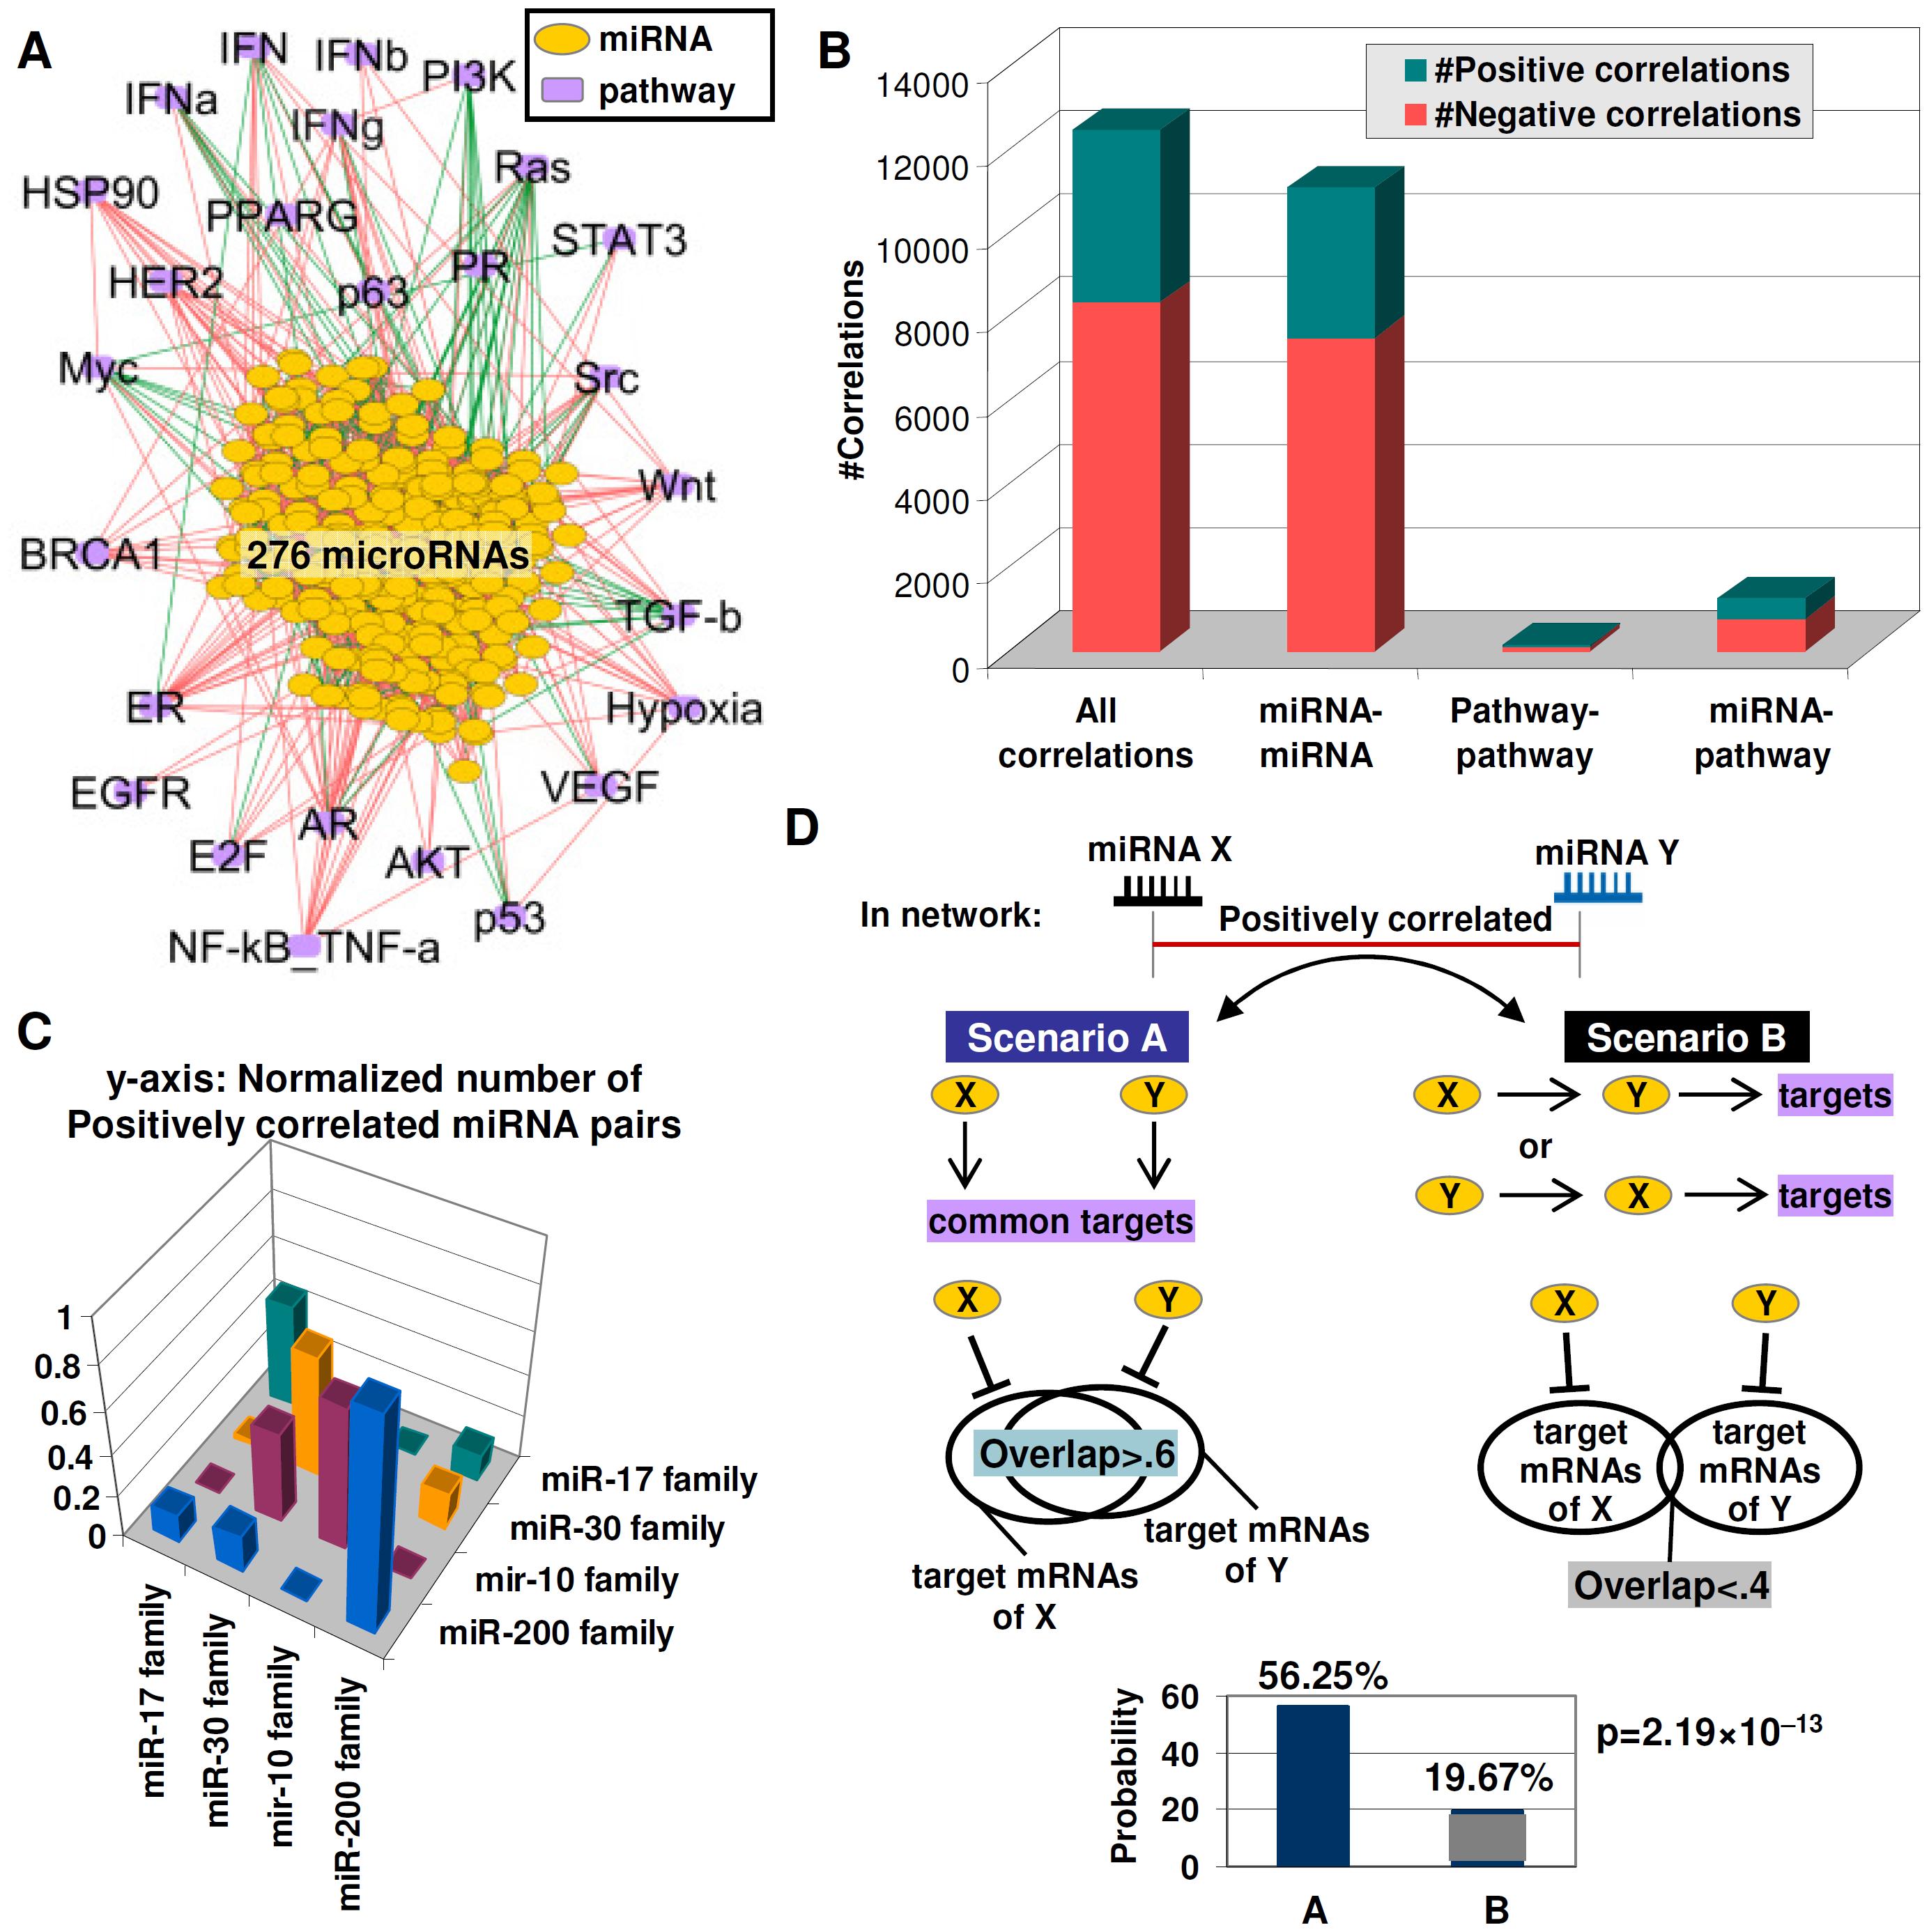 Functional redundancy in the miRNA–pathway network.